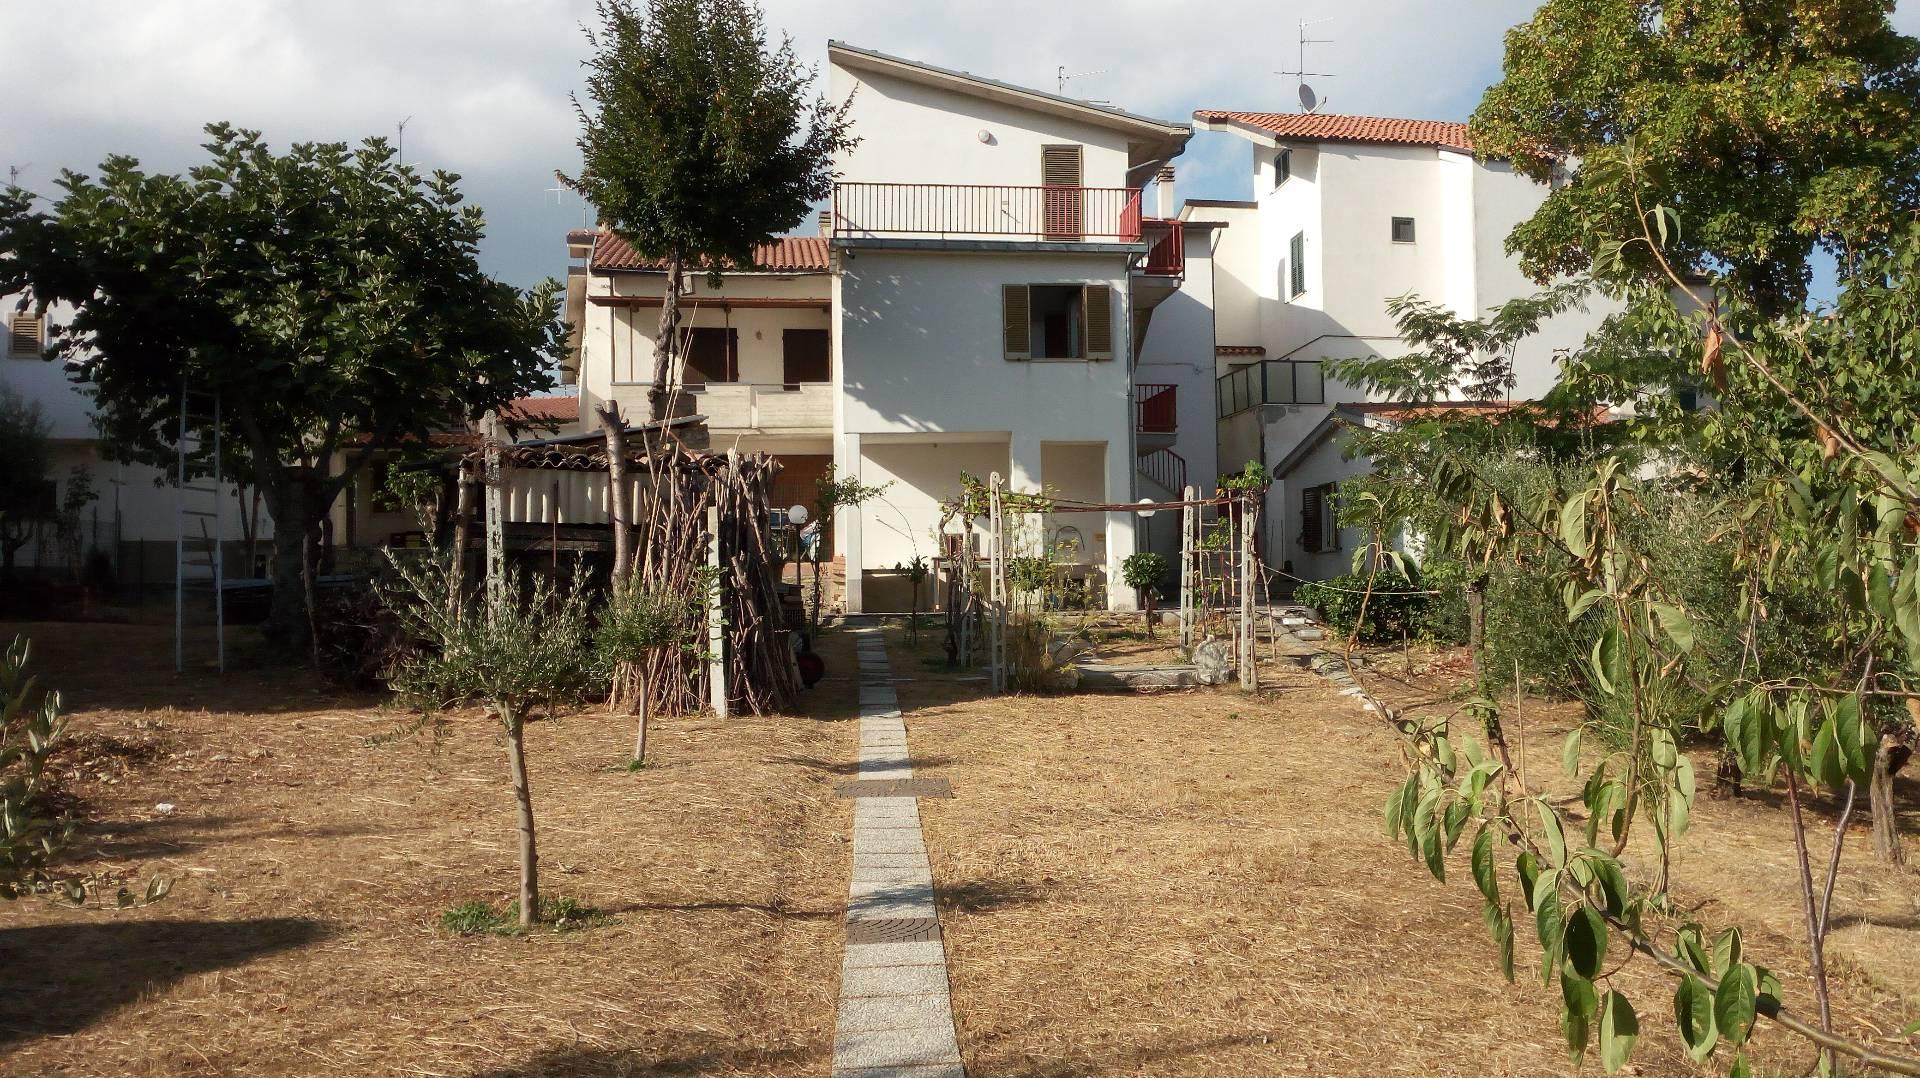 Villa Bifamiliare in Vendita a Campli